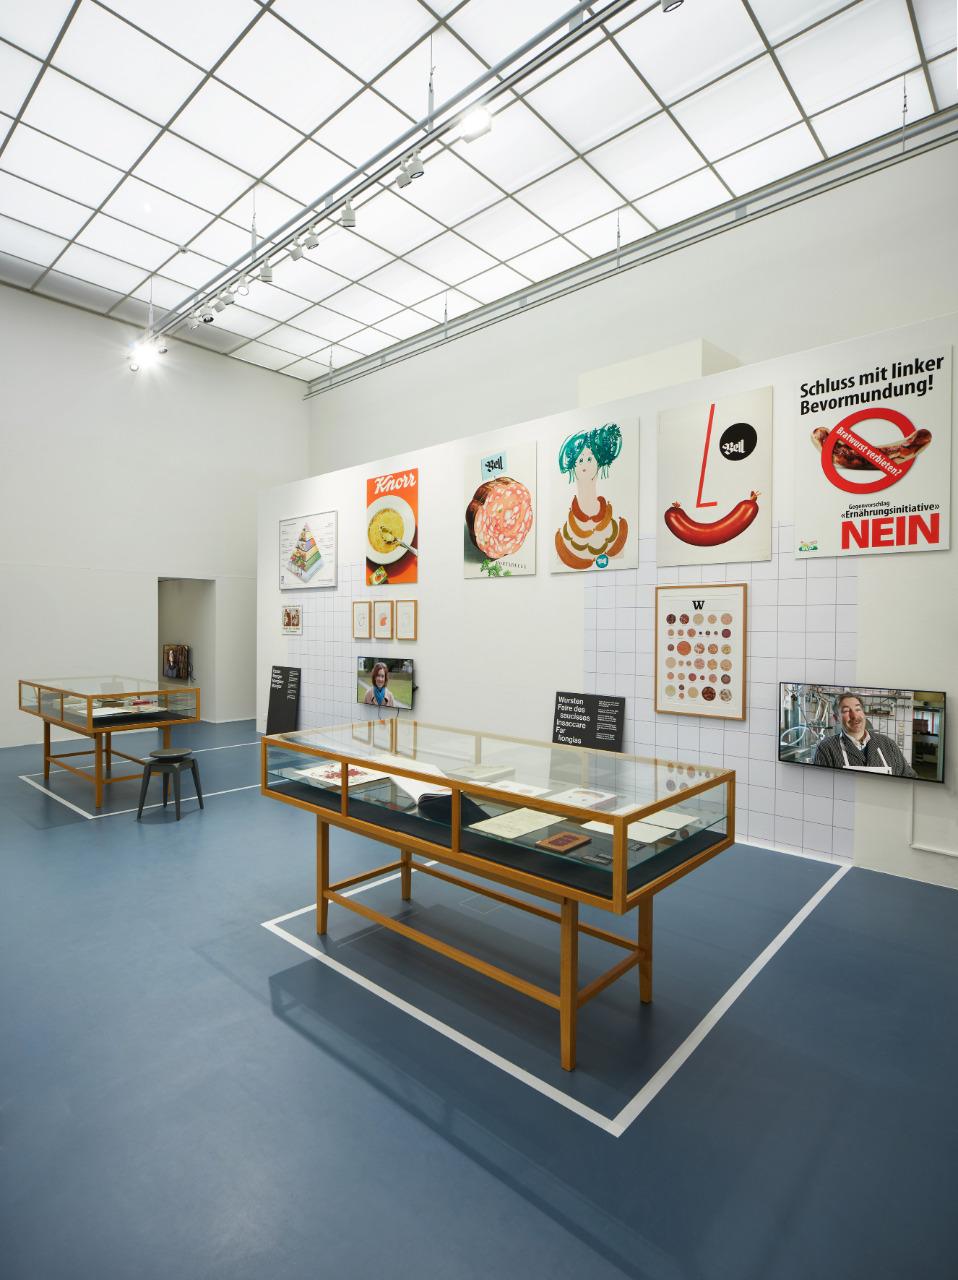 Die Ausstellung Fleisch in der Schweizerischen Nationalbibliothek